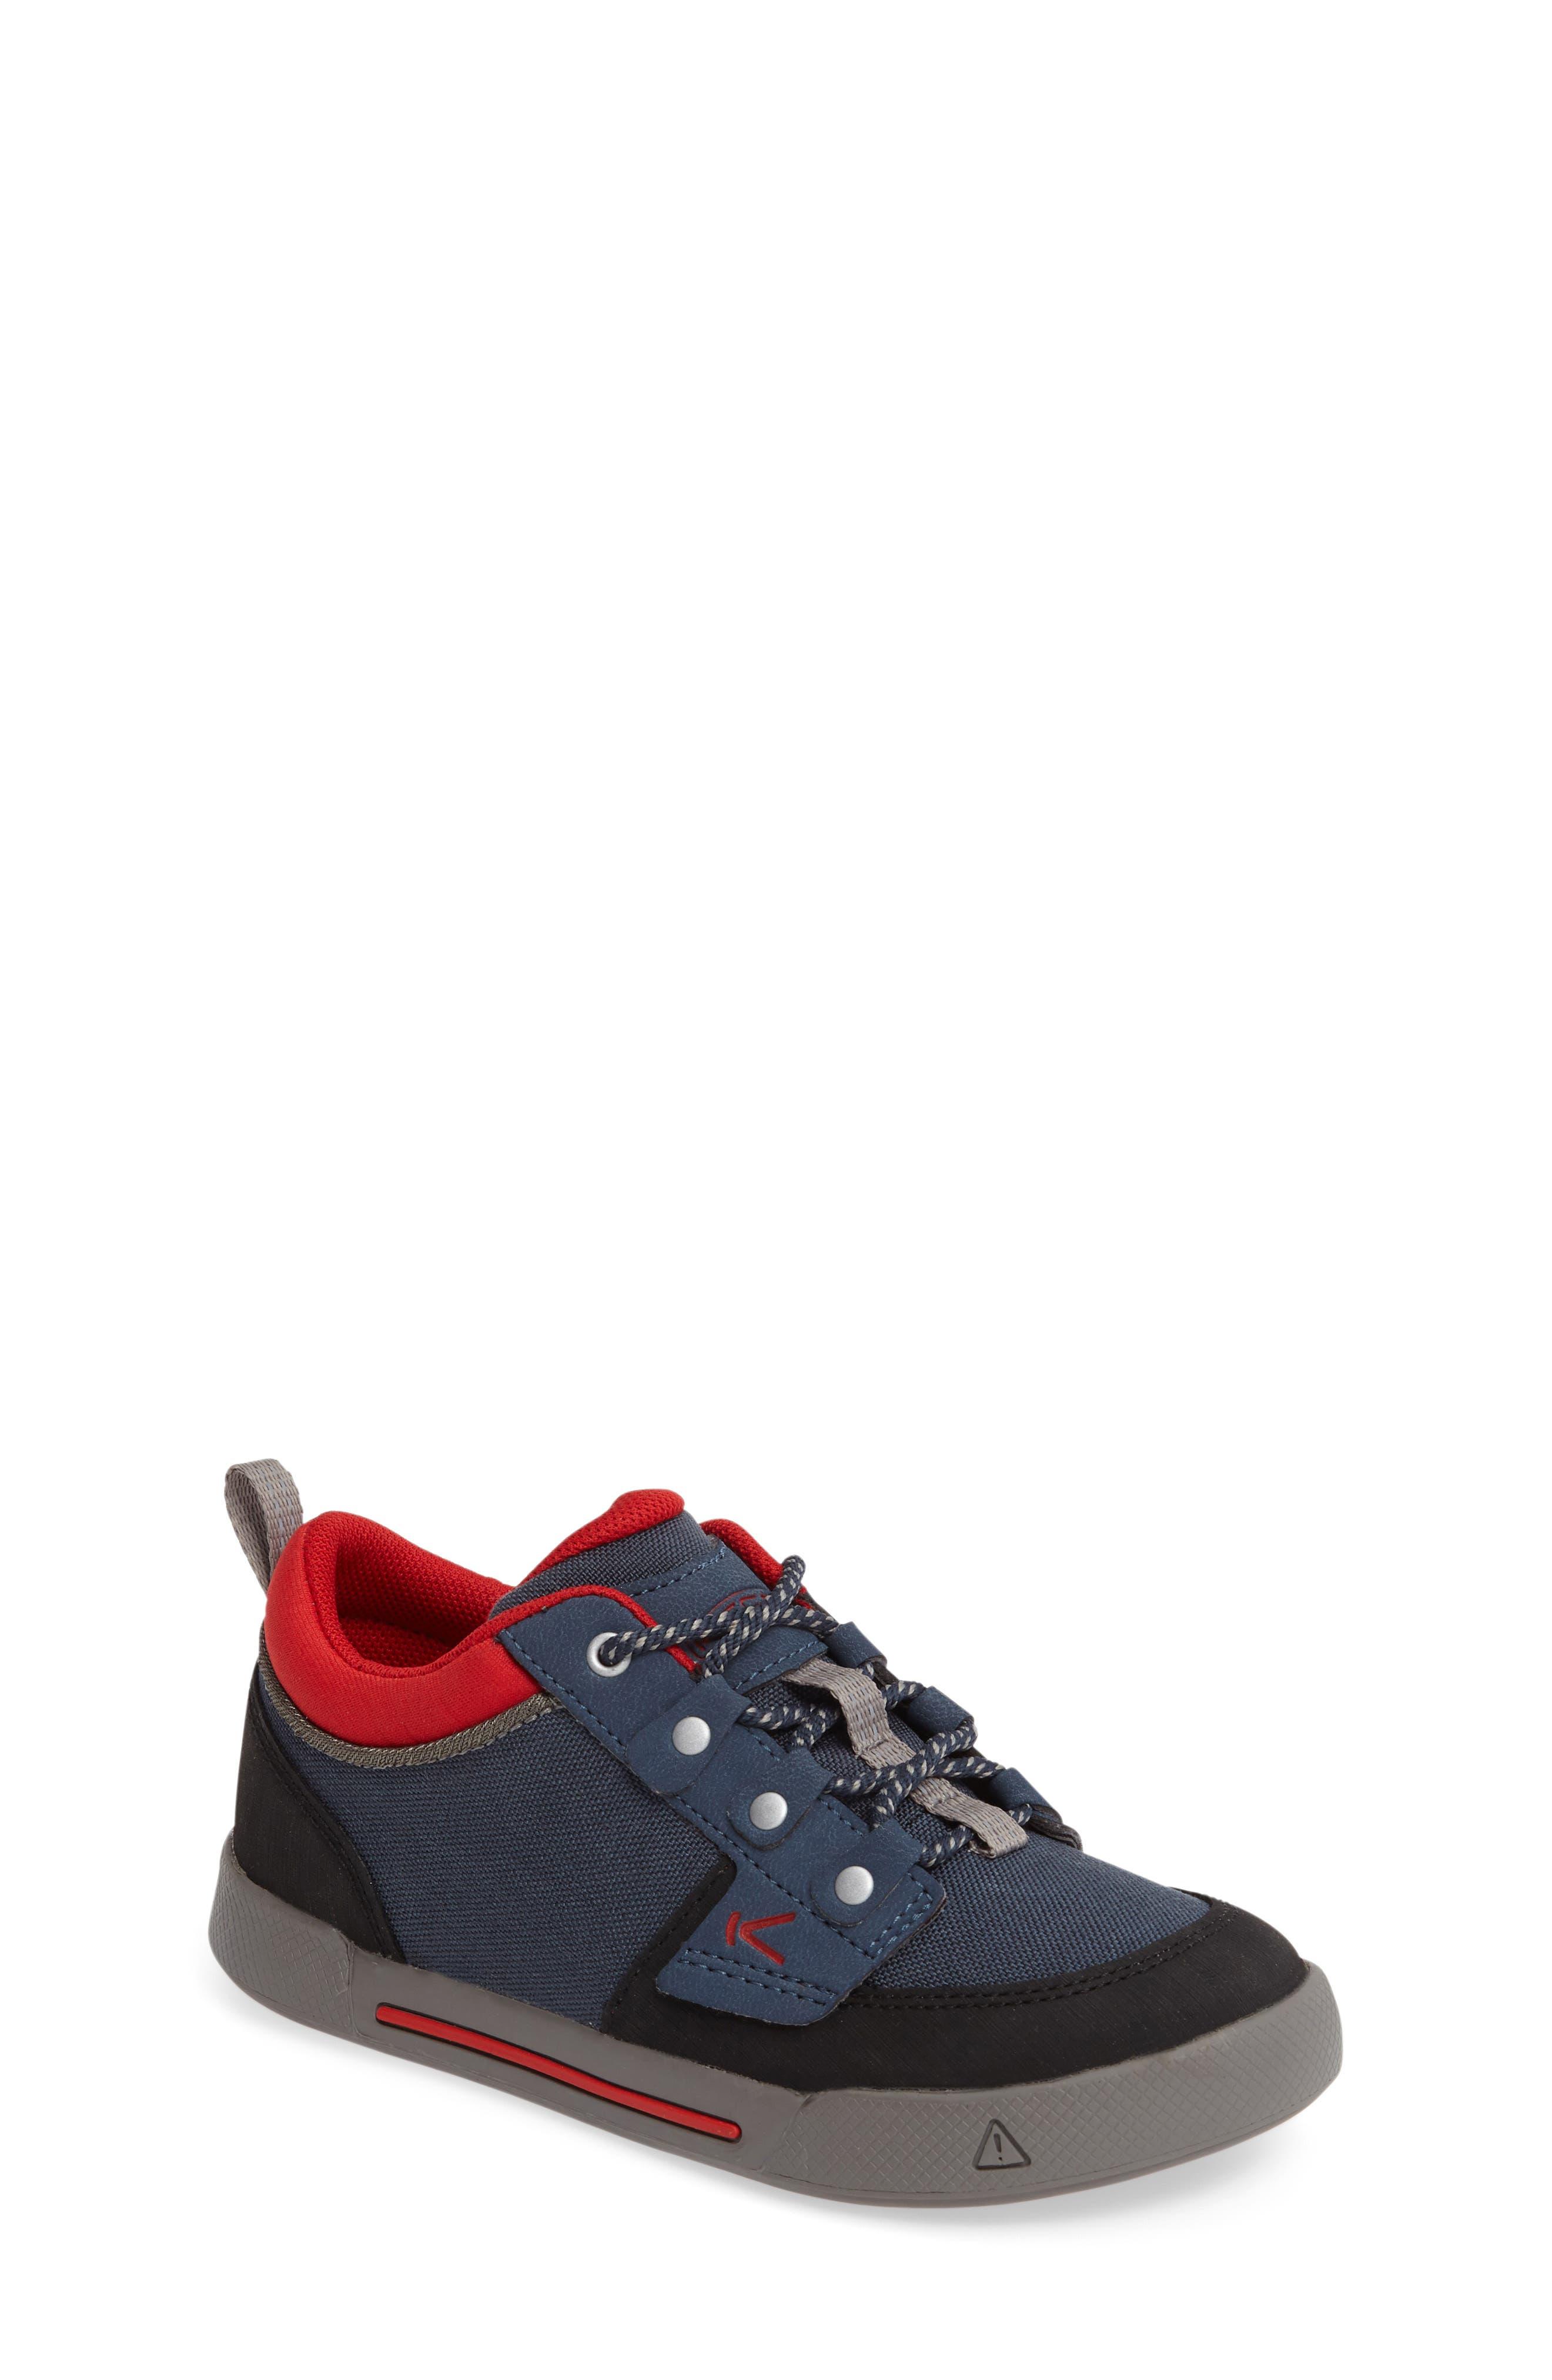 Encanto Wesley Sneaker,                         Main,                         color, Midnight Navy/ Formula One